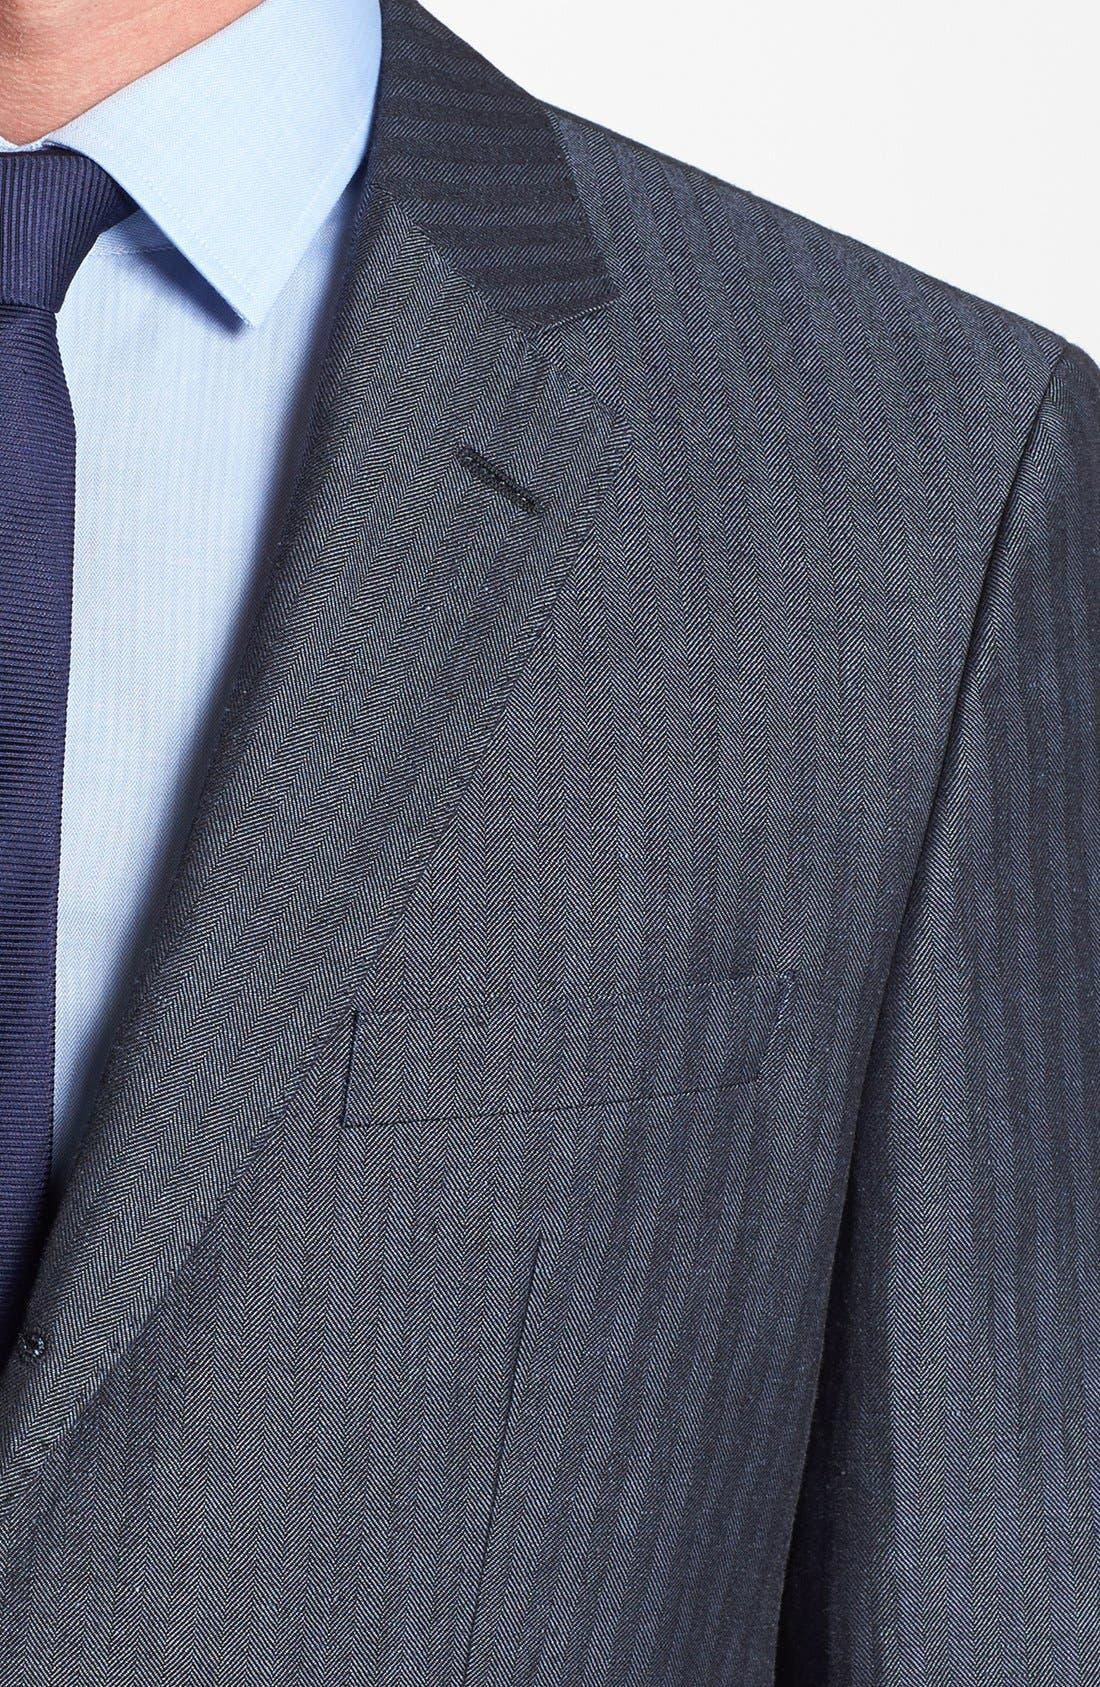 Alternate Image 3  - BOSS HUGO BOSS 'Johnston' Trim Fit Herringbone Sportcoat